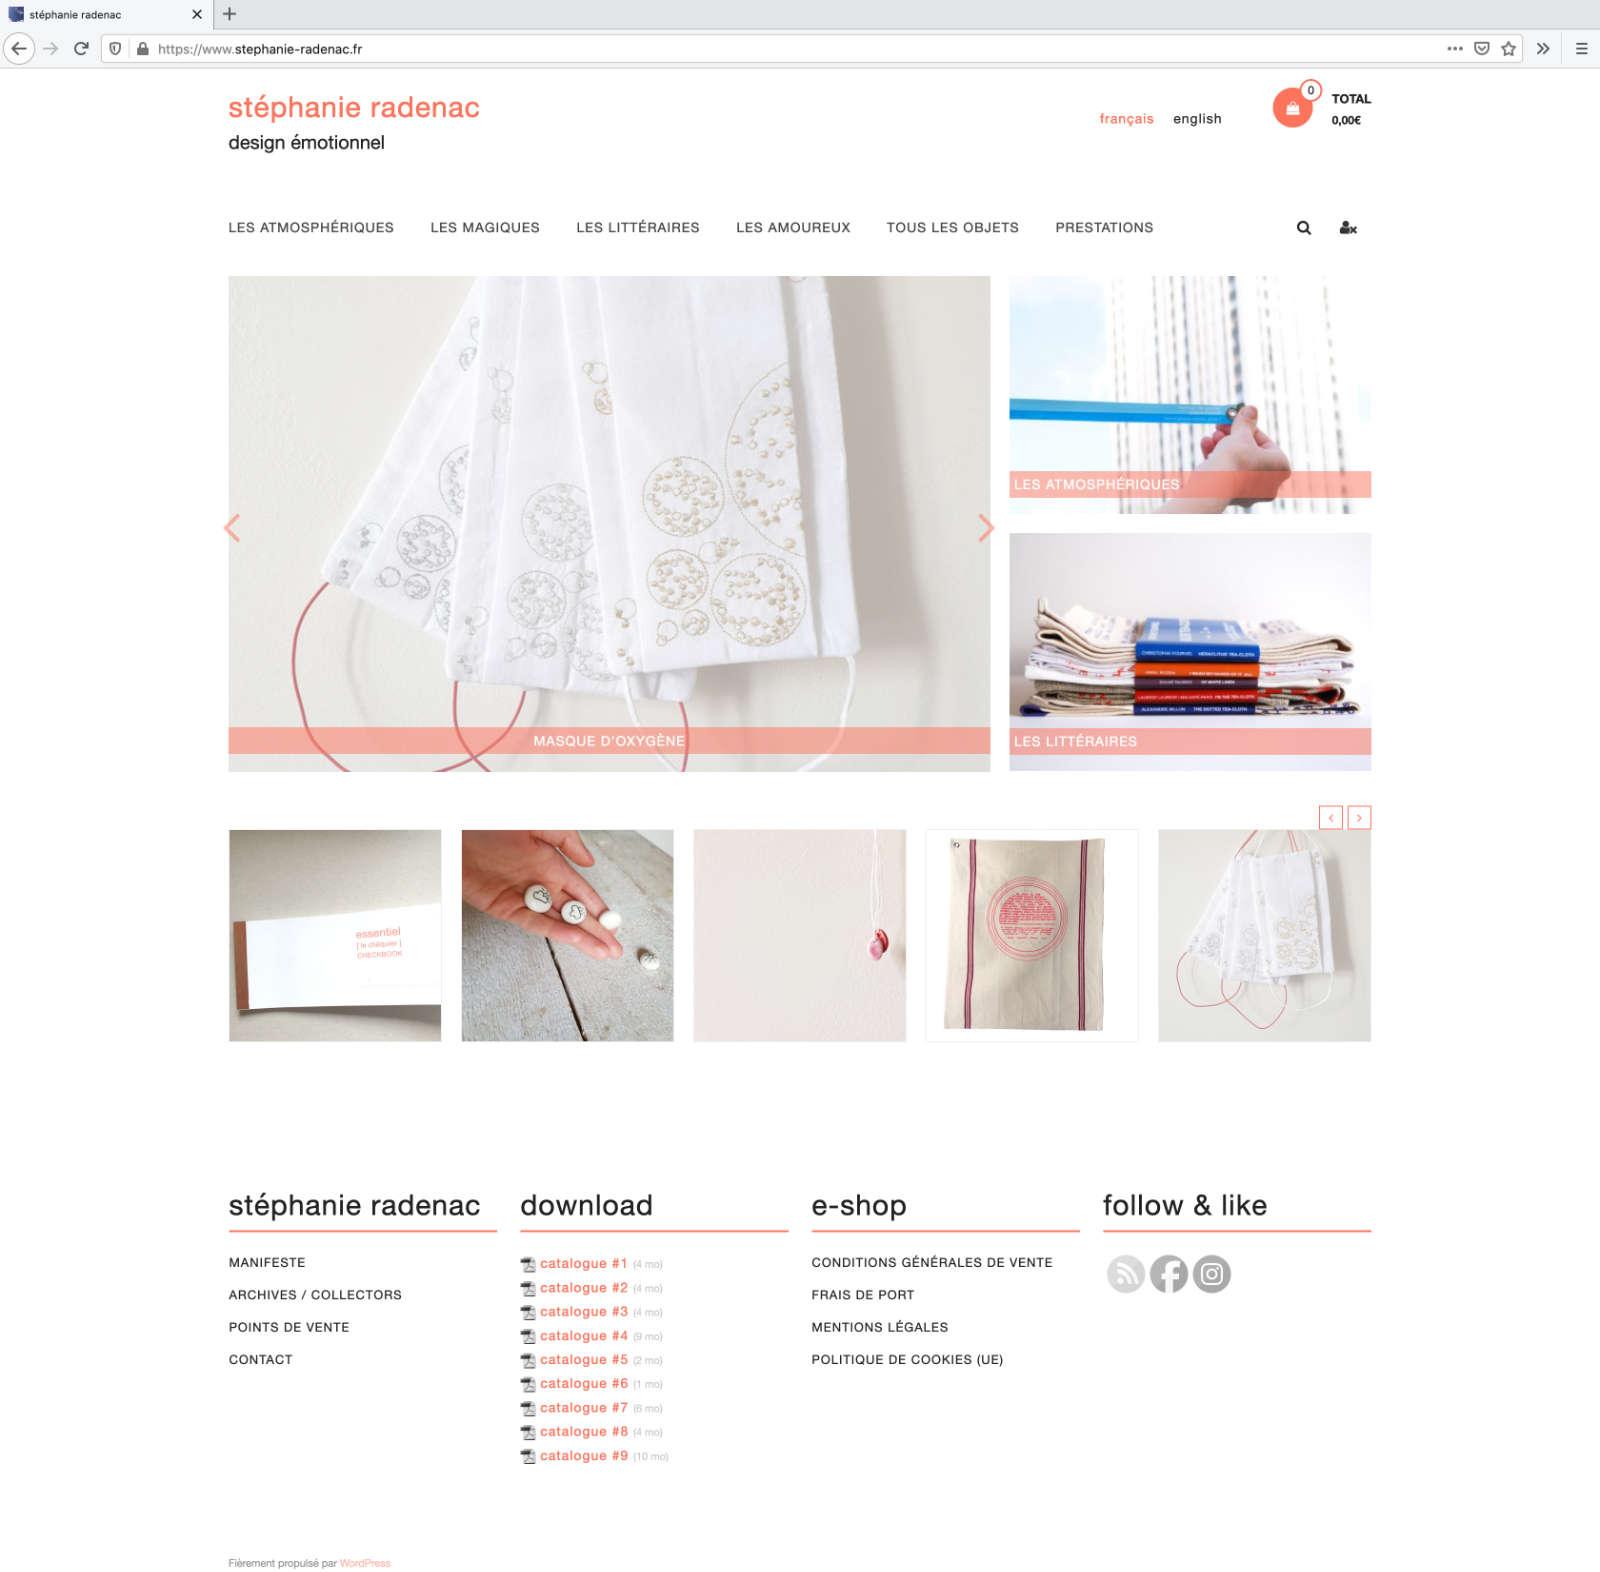 Online-Shop Stéphanie Radenac: Screenshot der Index seite